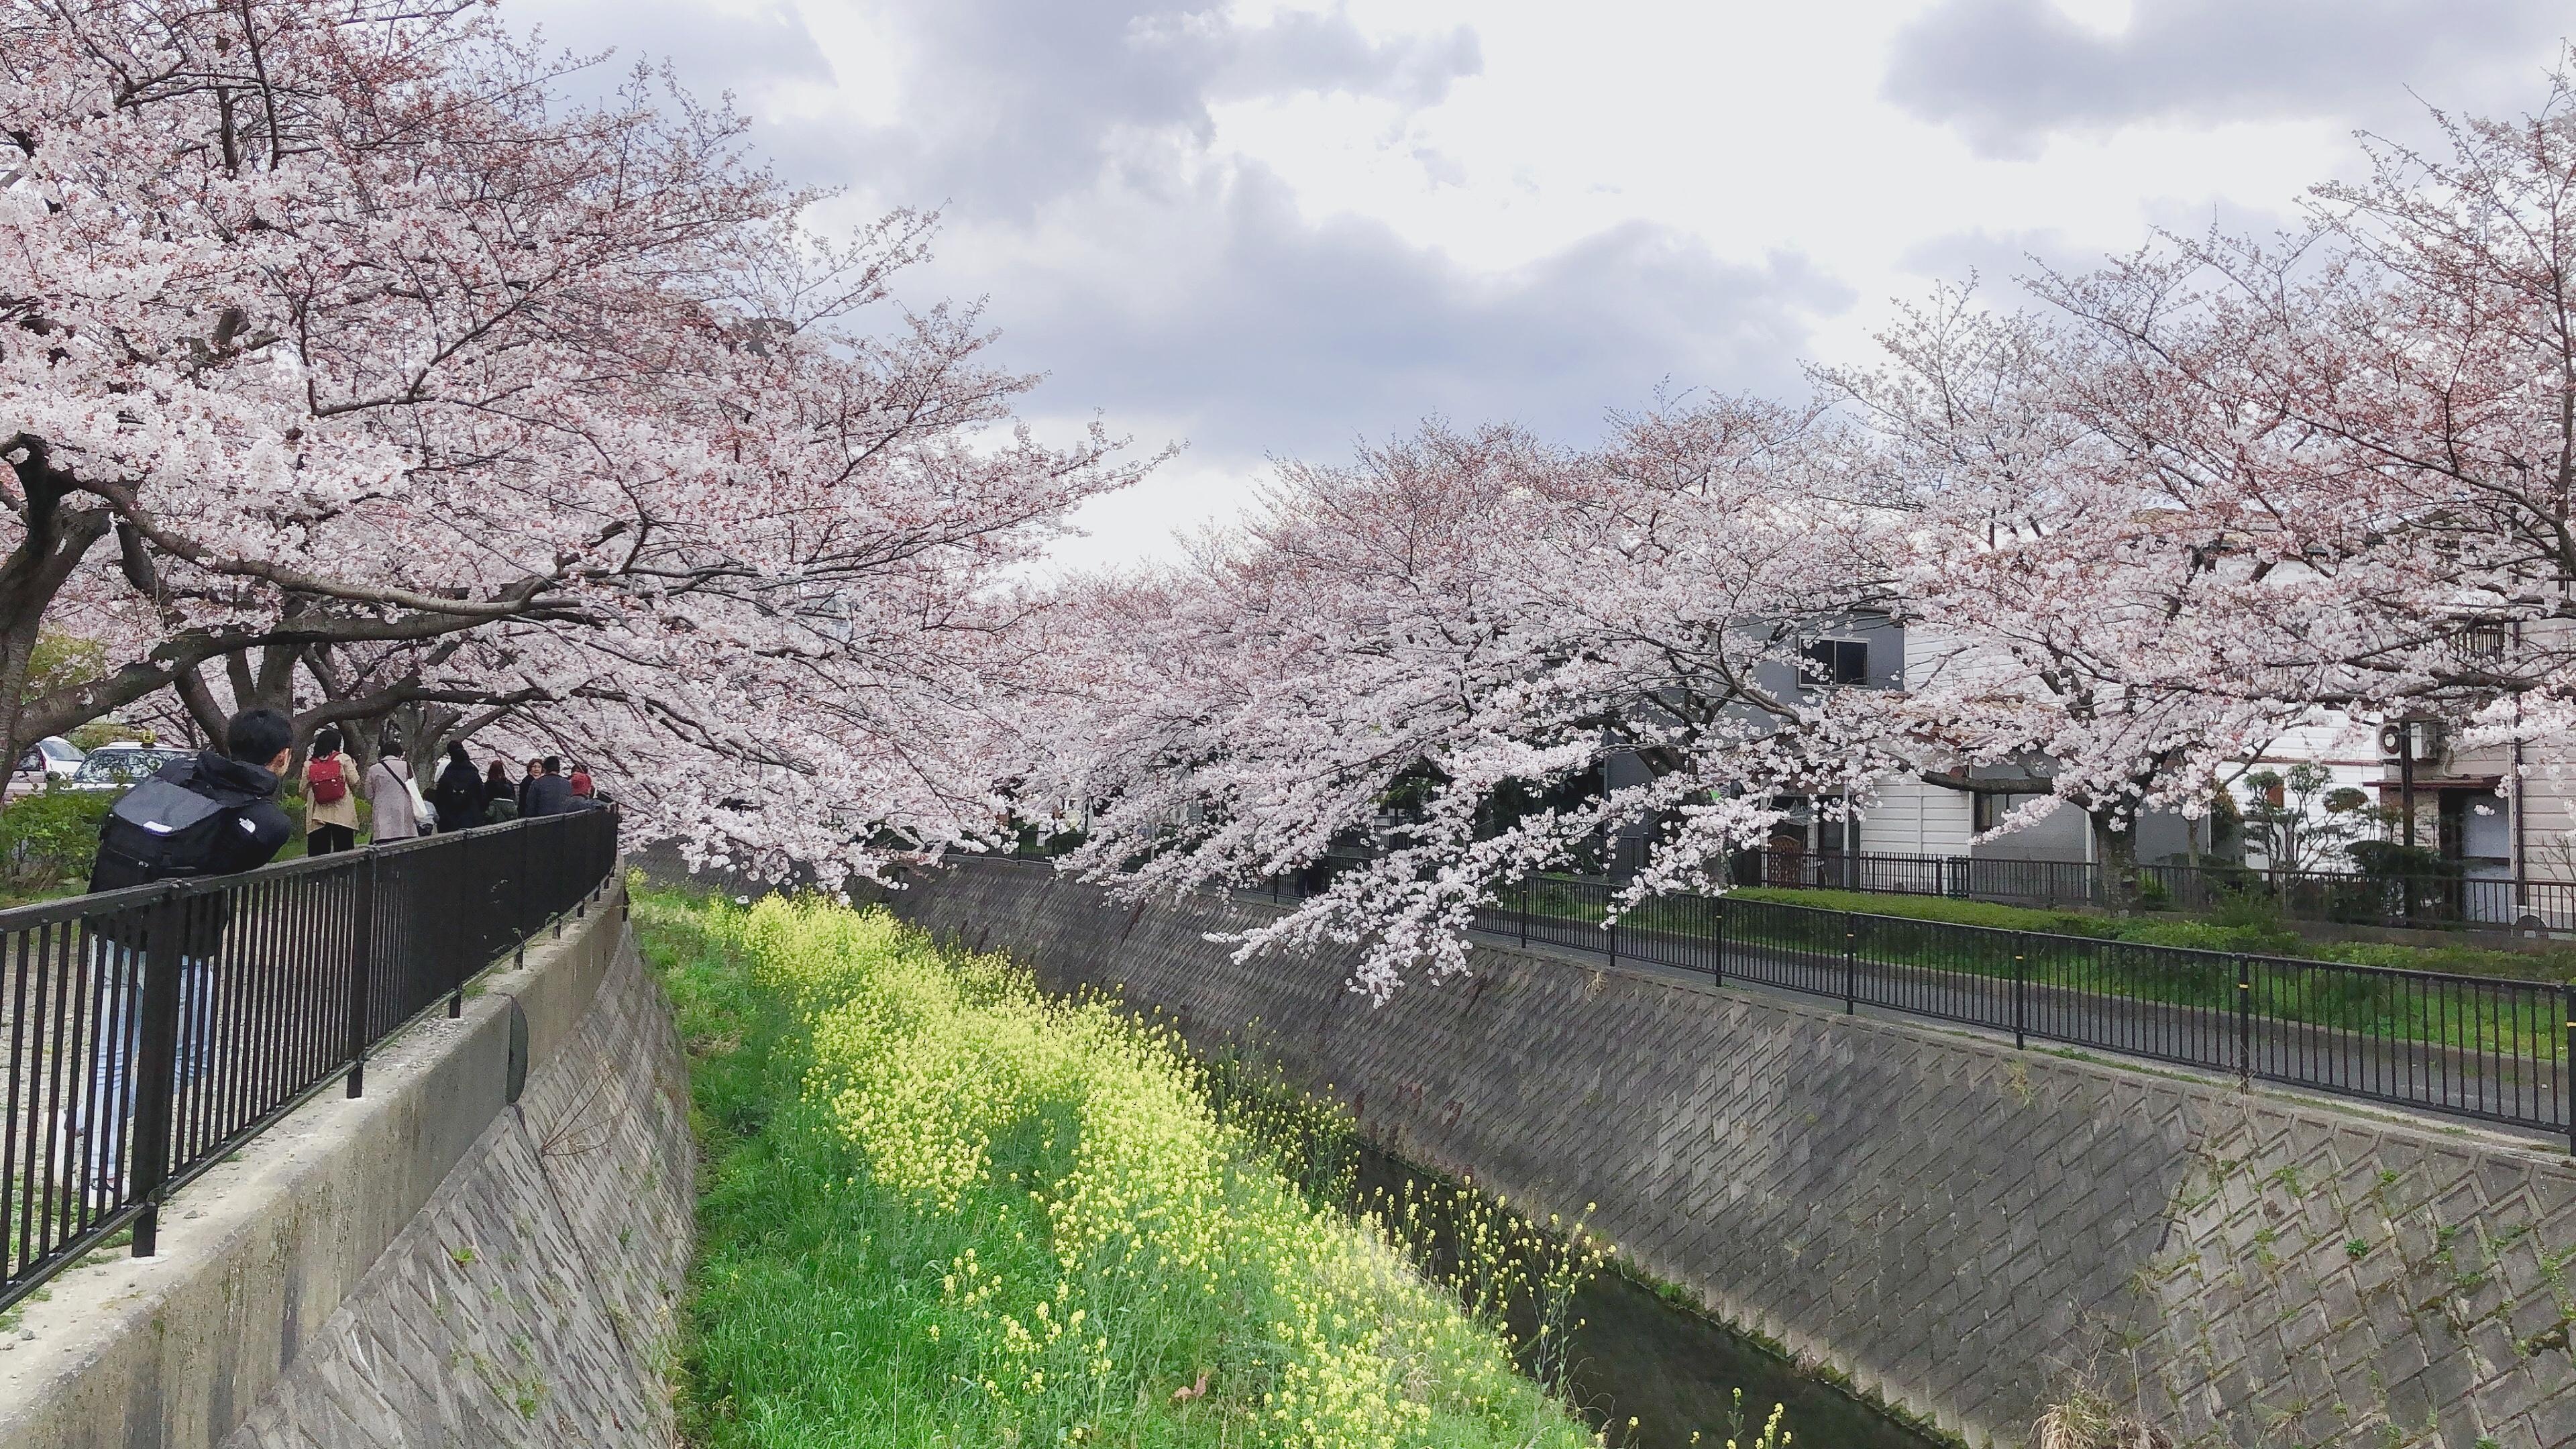 北九州花見スポット🌸志井川沿いの桜並木